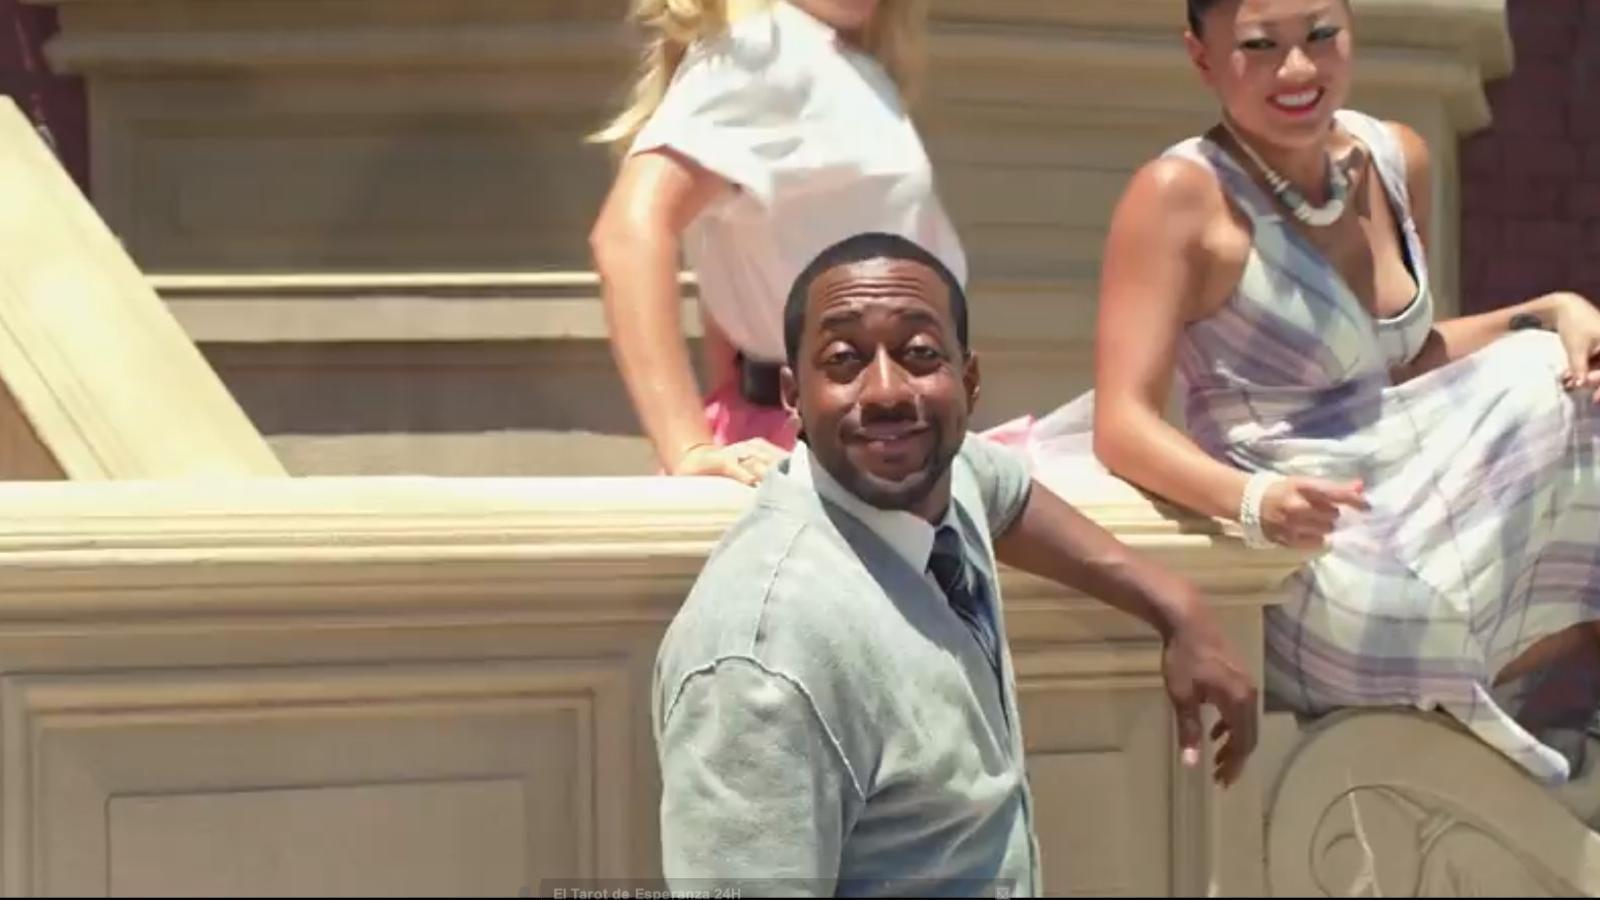 'Cry baby', el videoclip de Cee Lo Green protagonitzat per Jameel White